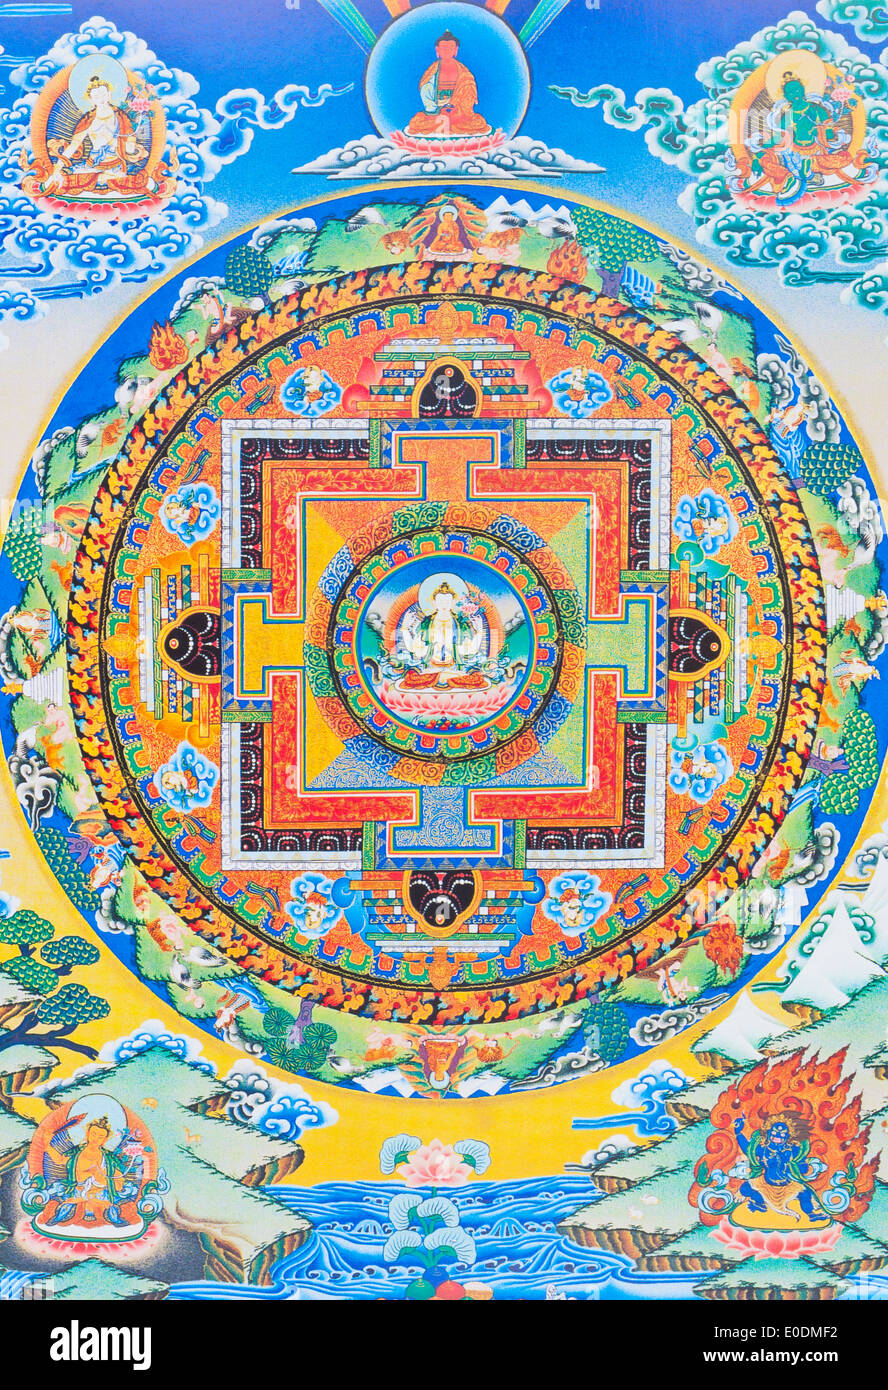 Chenresi mandala - Stock Image